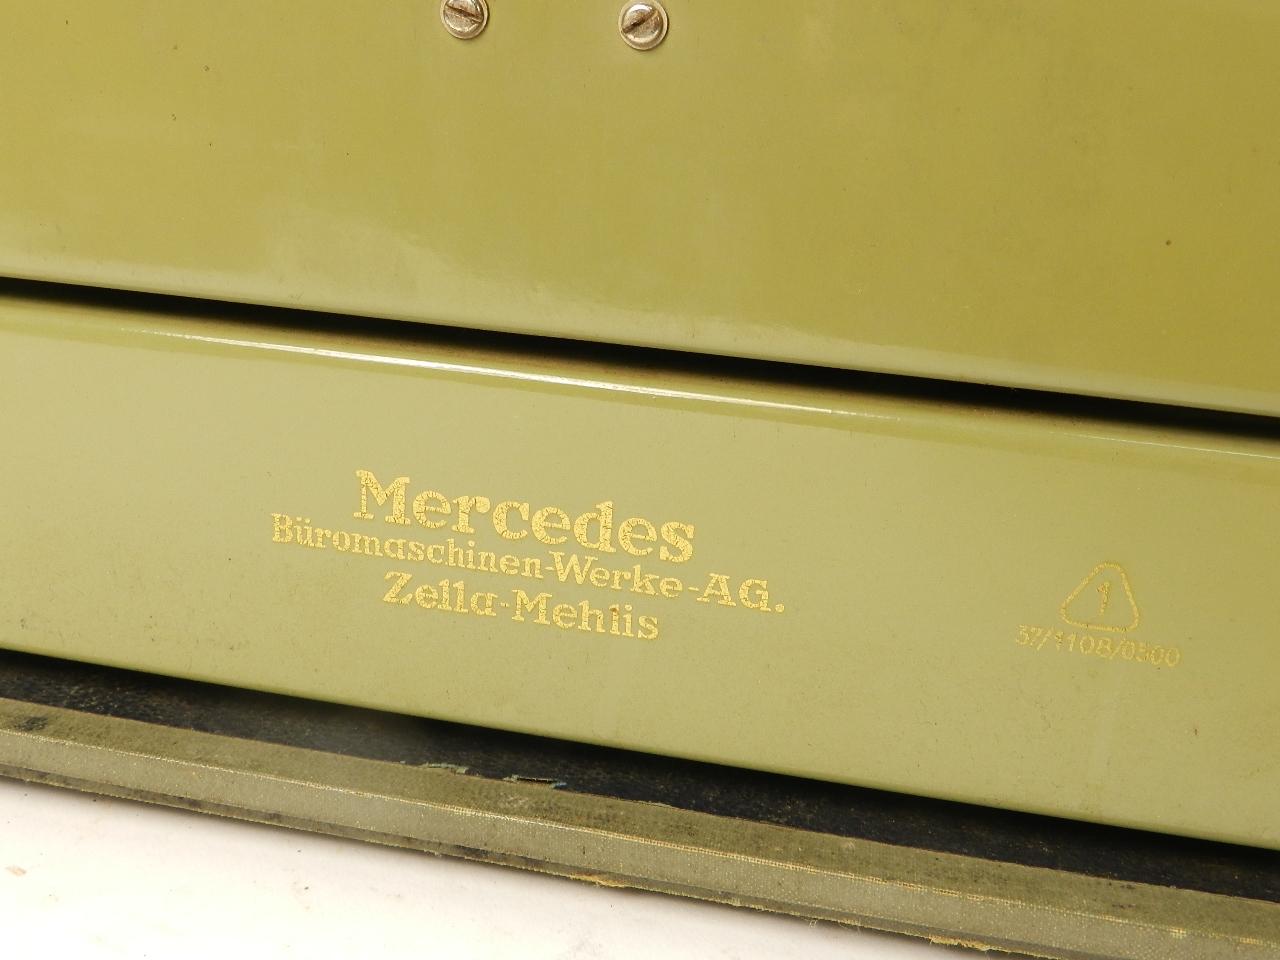 Imagen MERCEDES K45 AÑO 1950 34523